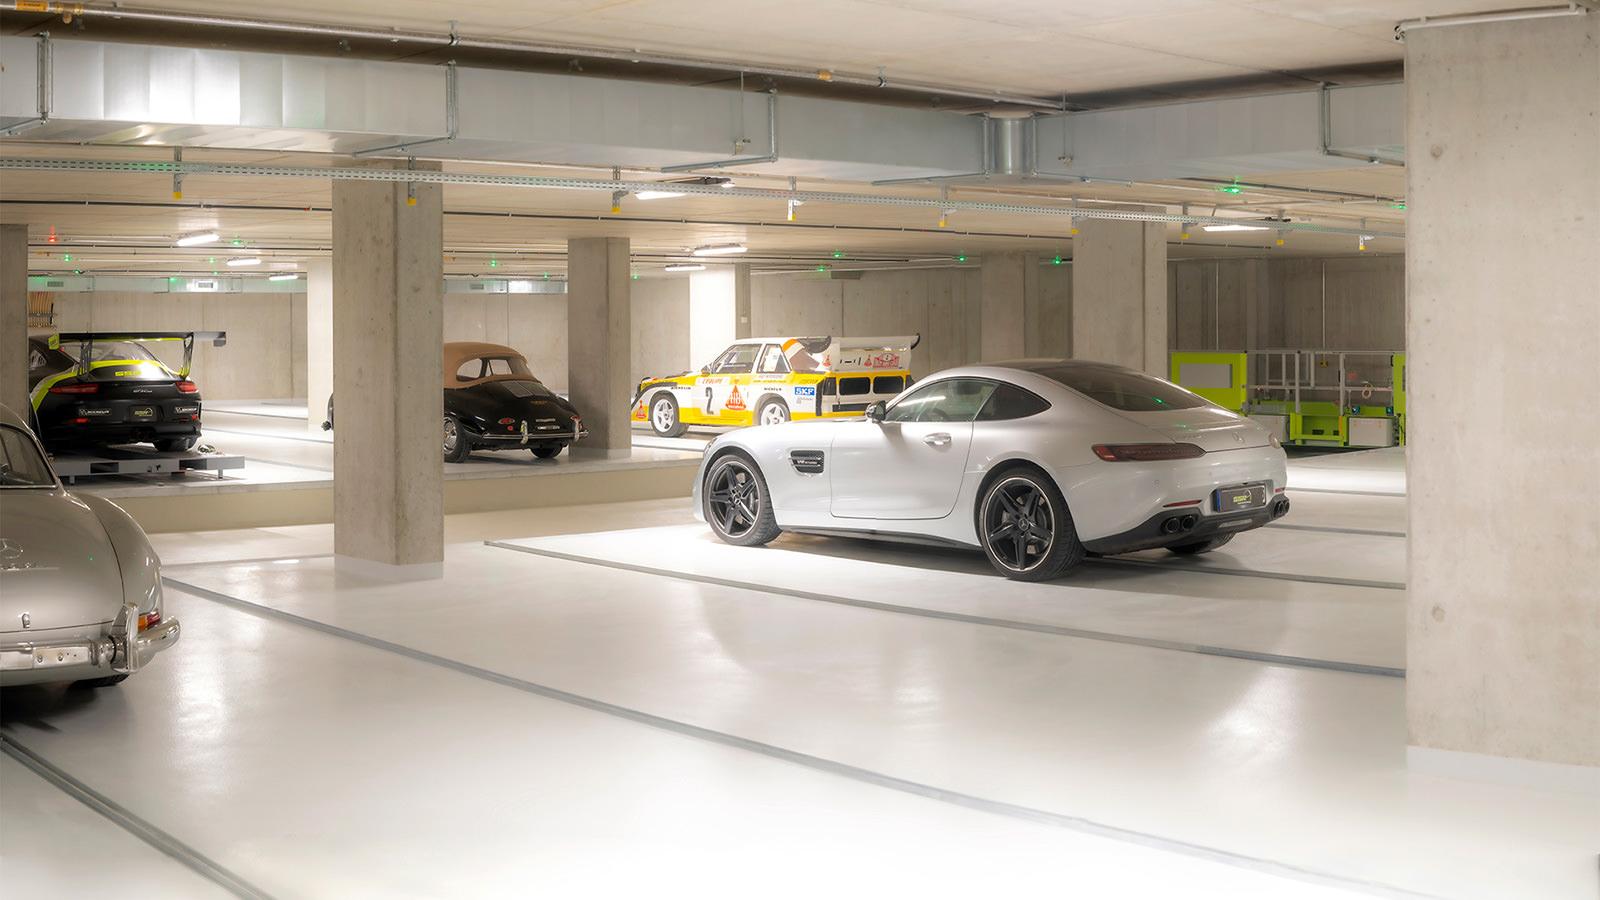 Fahrzeugeinlagerung in Stickstoffgarage mit Sportwagen und Oldtimern – SSR Performance